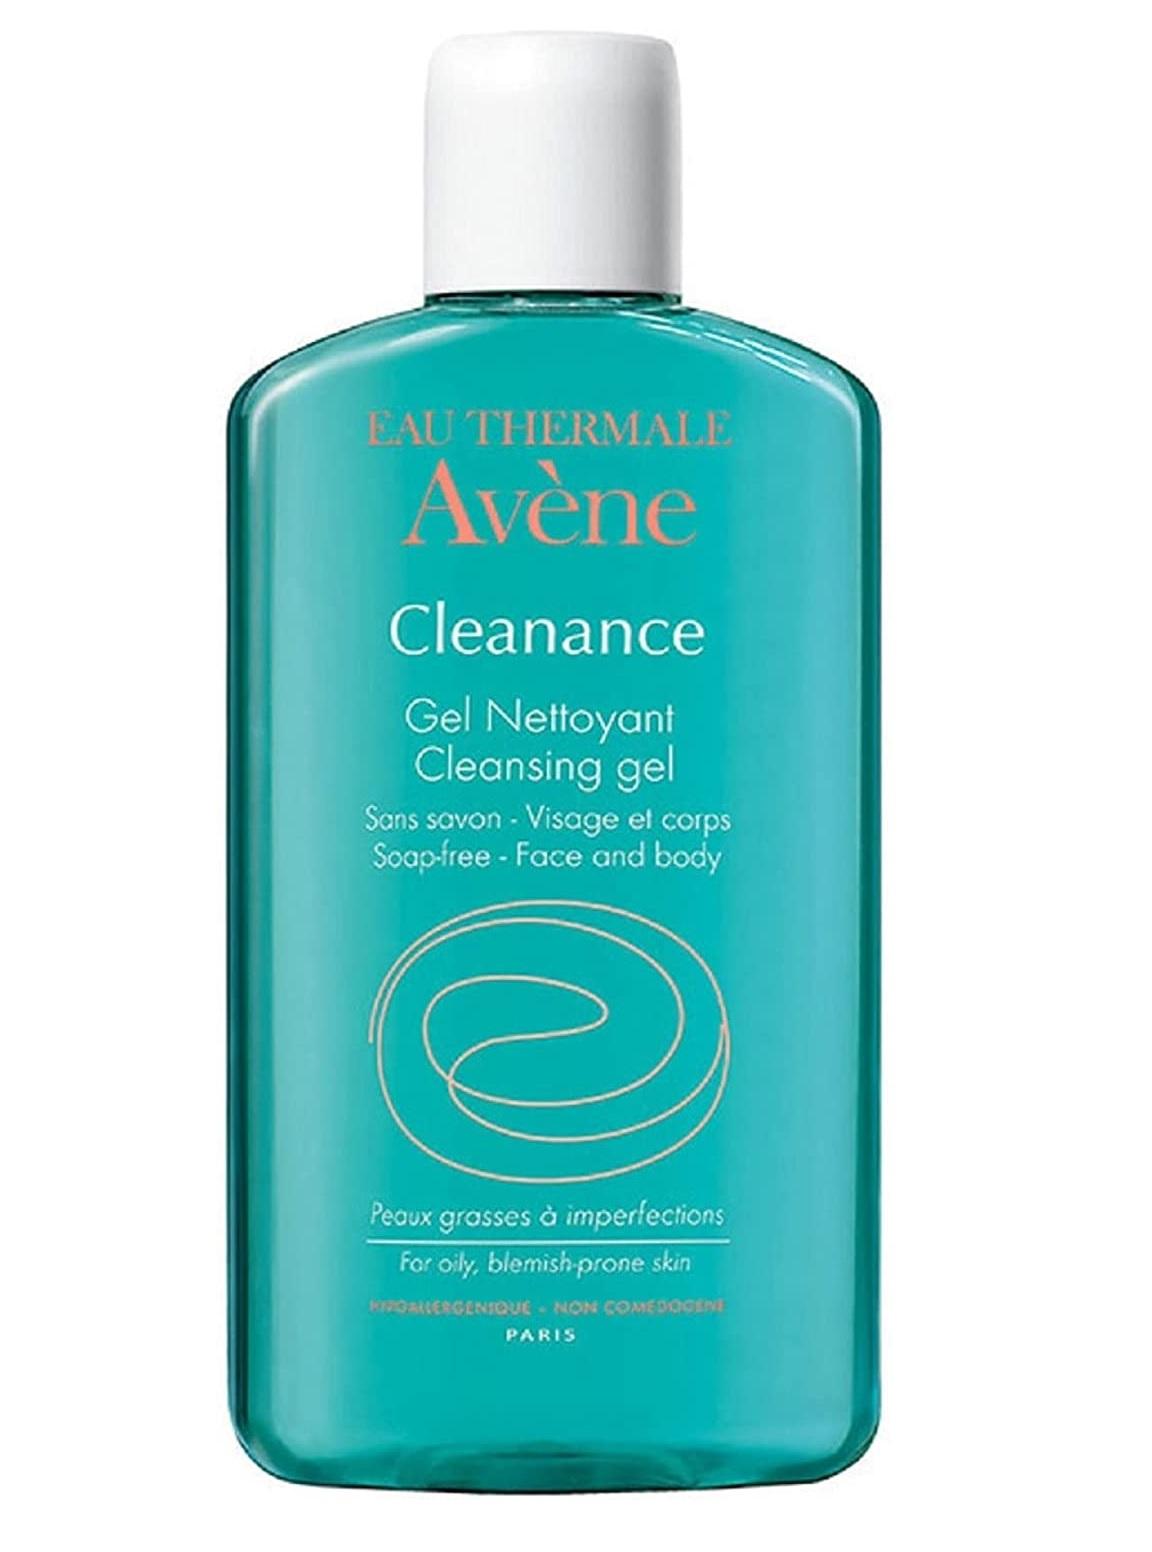 Limpiador para pieles grasas con imperfecciones Cleanance de Avène